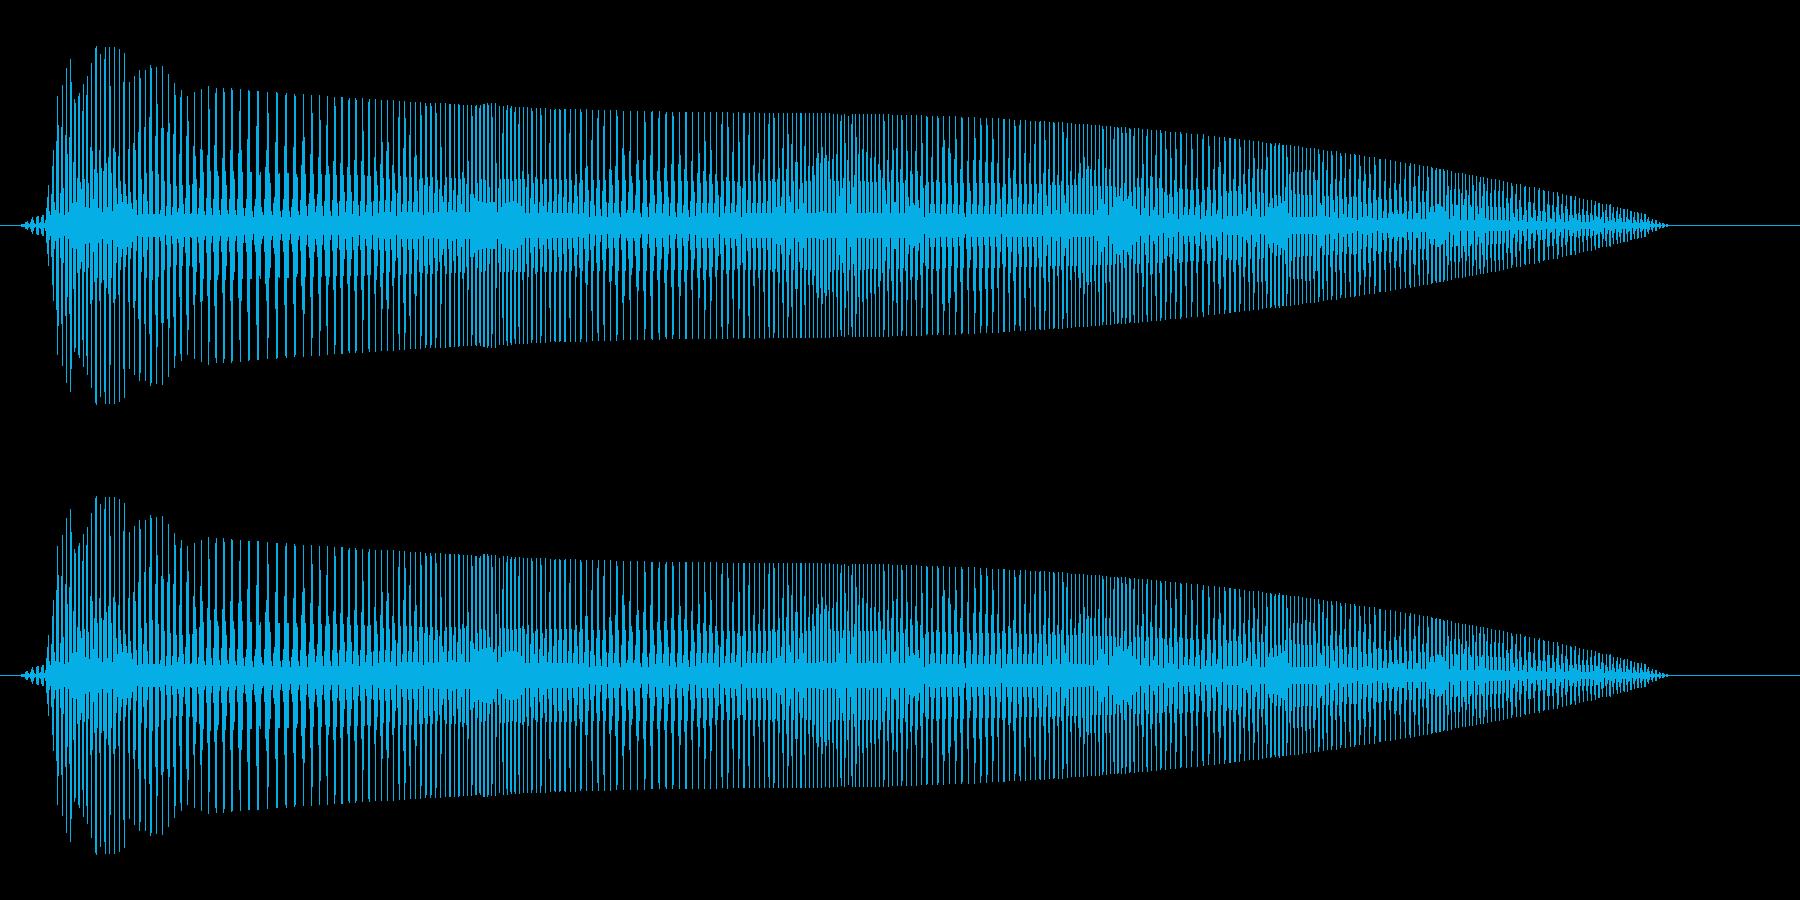 ブワワワワ〜ン(ゆるく気が抜ける振動音)の再生済みの波形